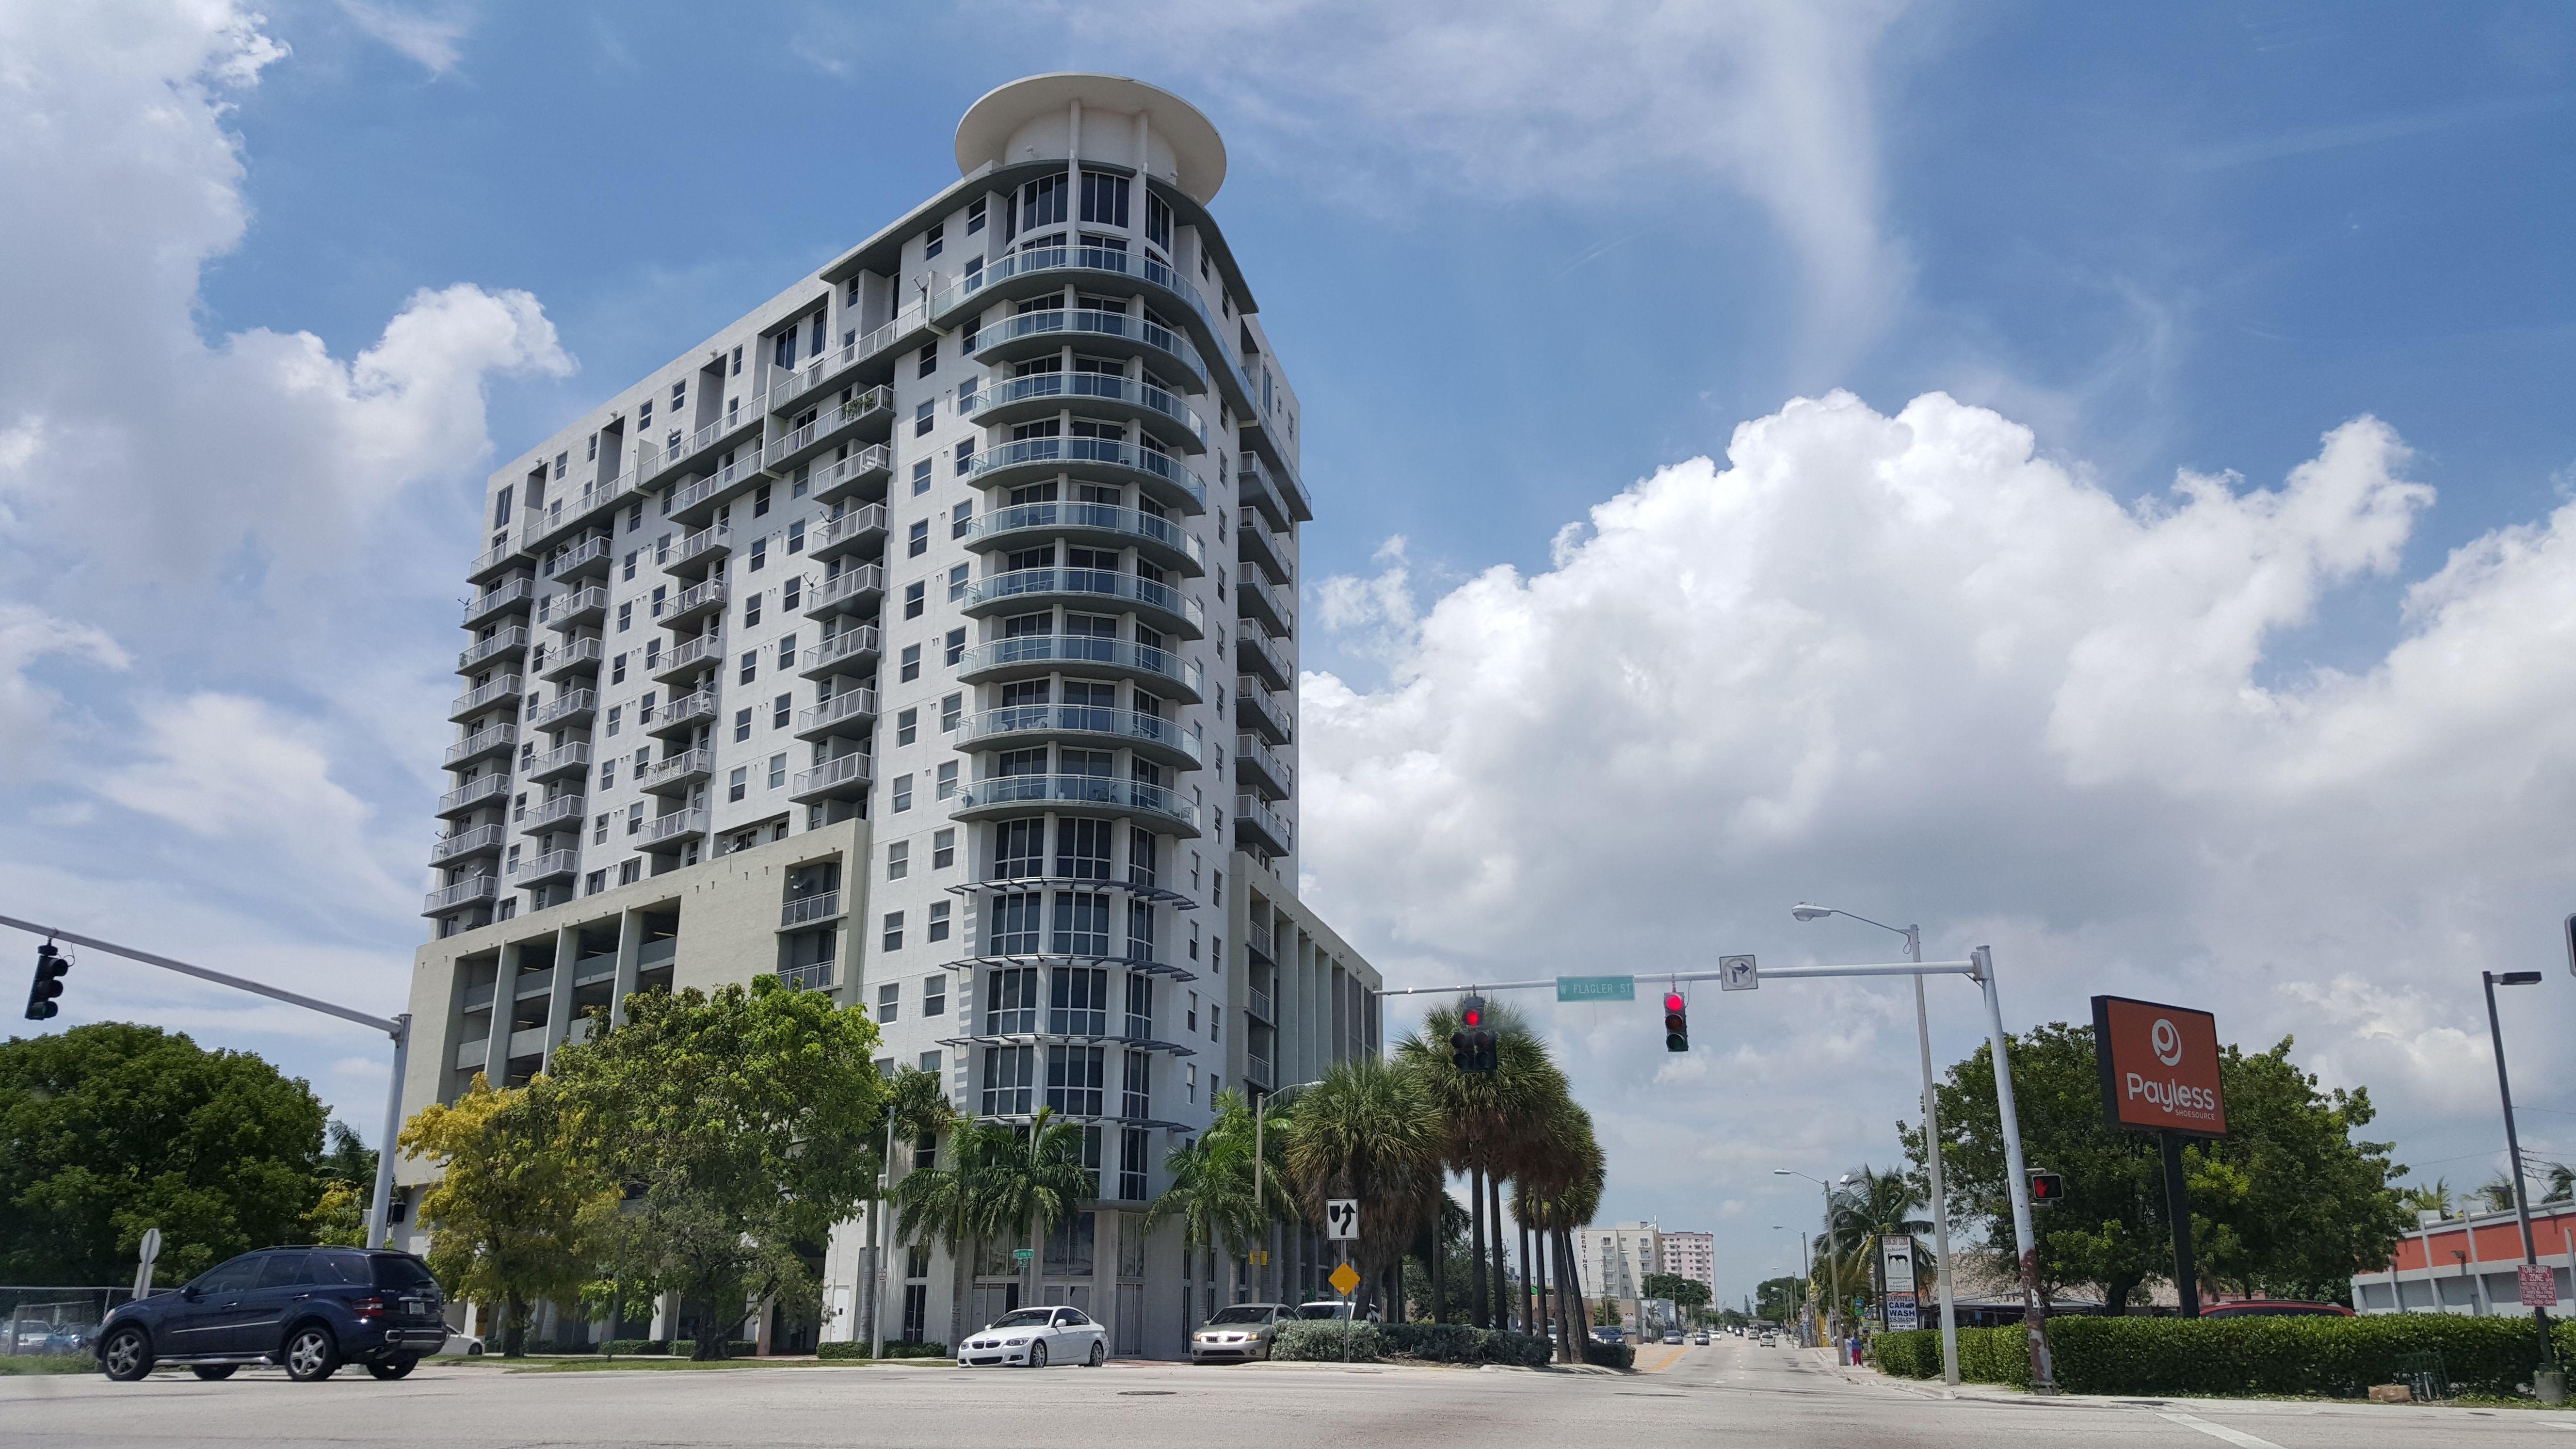 Altos de Miami Shoppes and Offices 02